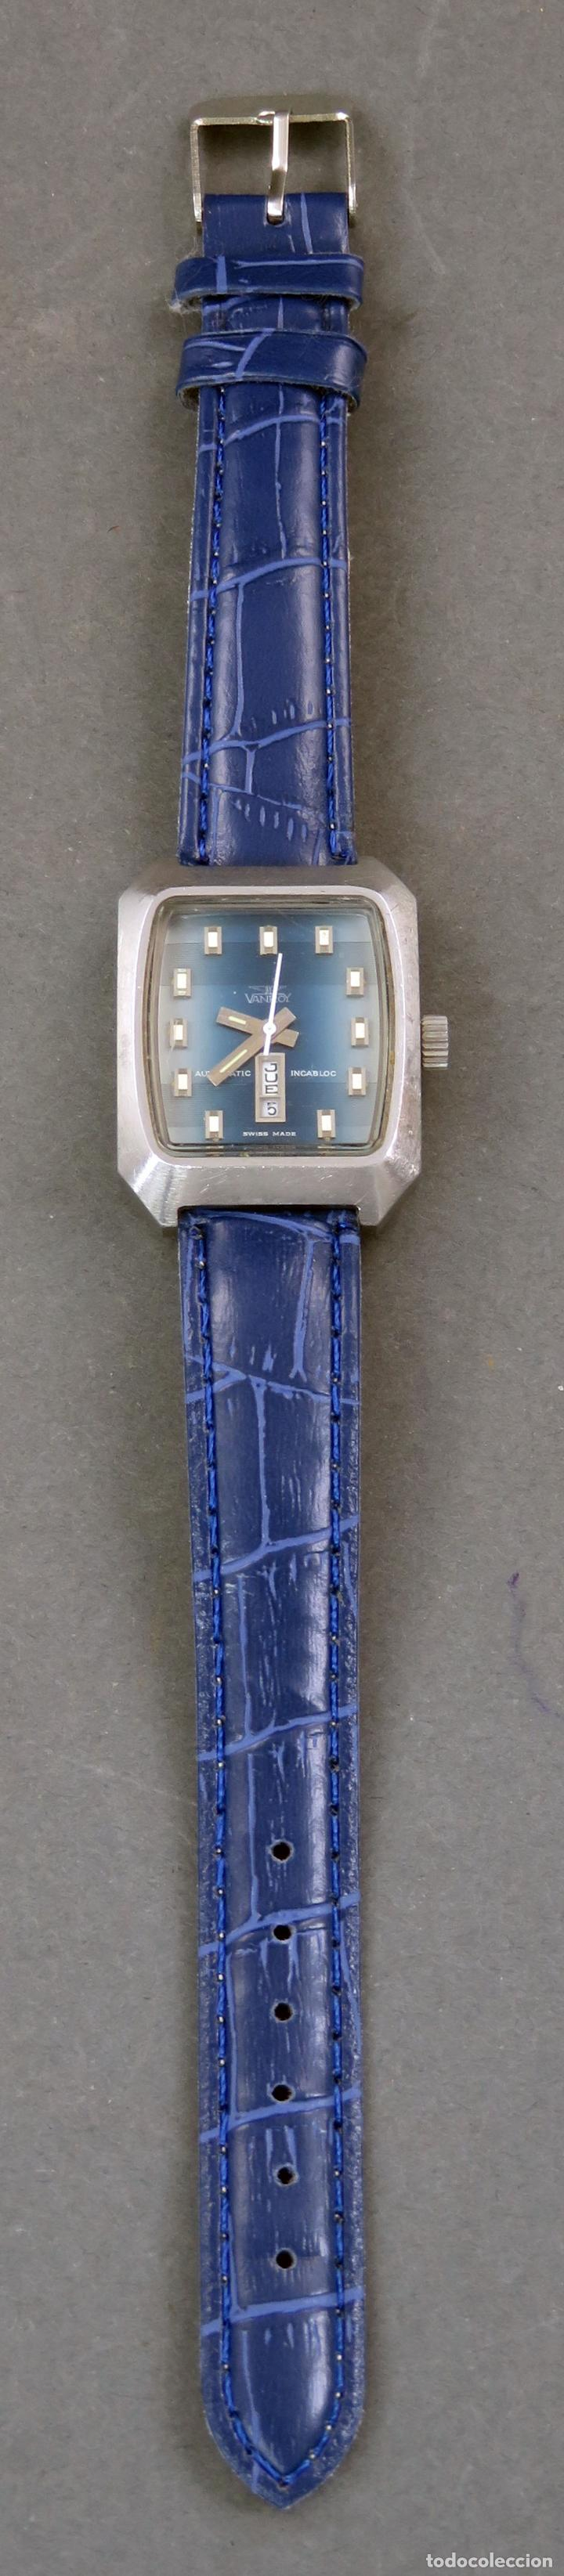 Relojes automáticos: Reloj automático Vanroy Automatic Incabloc Swiss Made Funciona - Foto 2 - 143163494